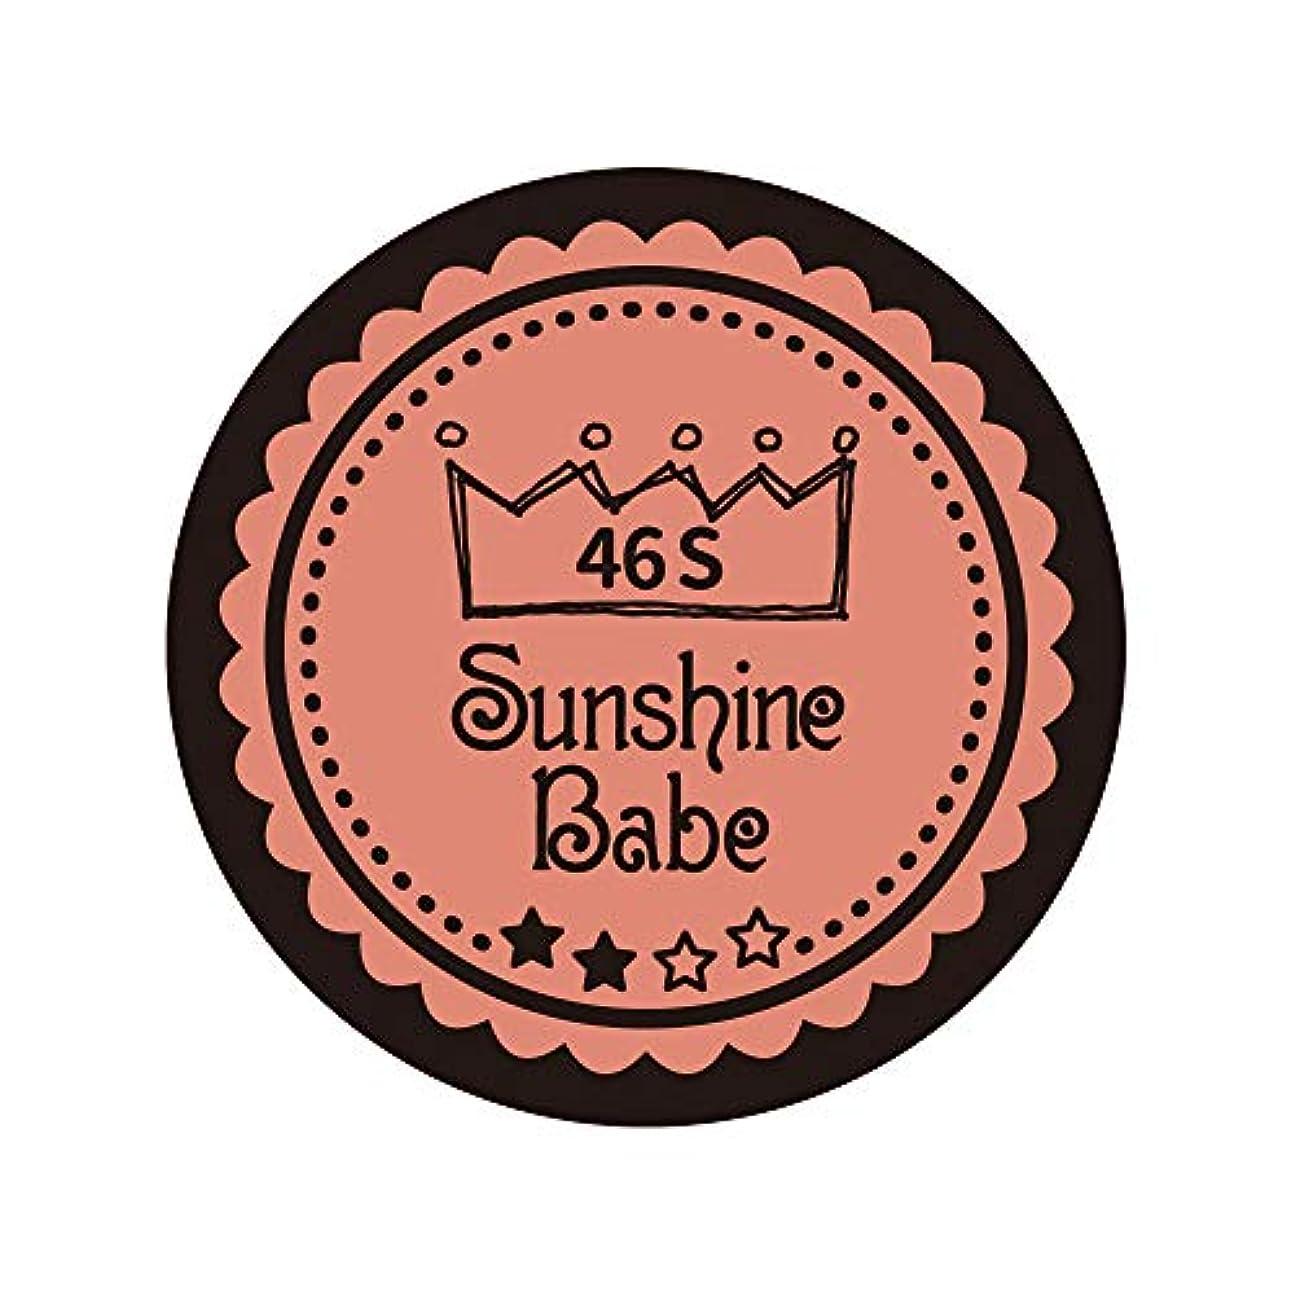 ガラス健康剃るSunshine Babe カラージェル 46S ピンクベージュ 4g UV/LED対応